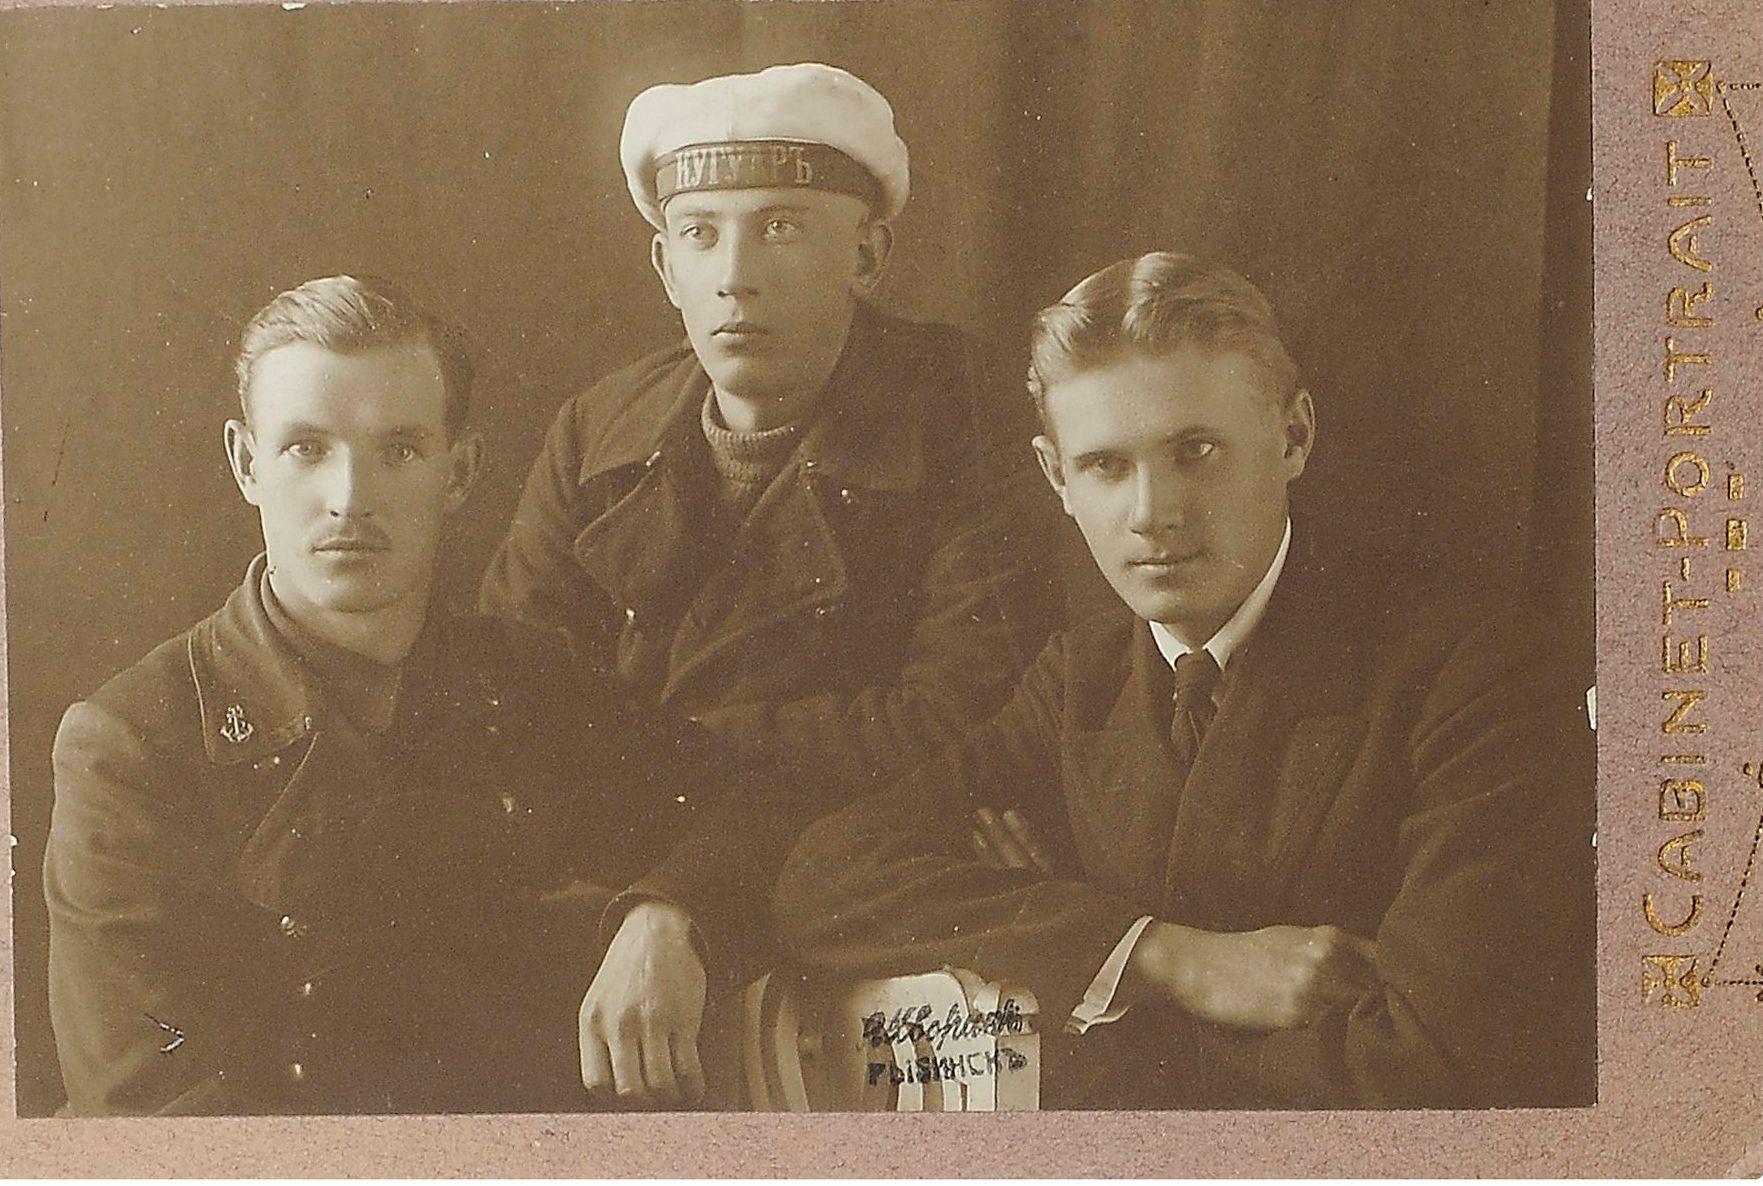 Фото матроса подводной лодки Кугуар со товарищами. Рыбинск, 1917